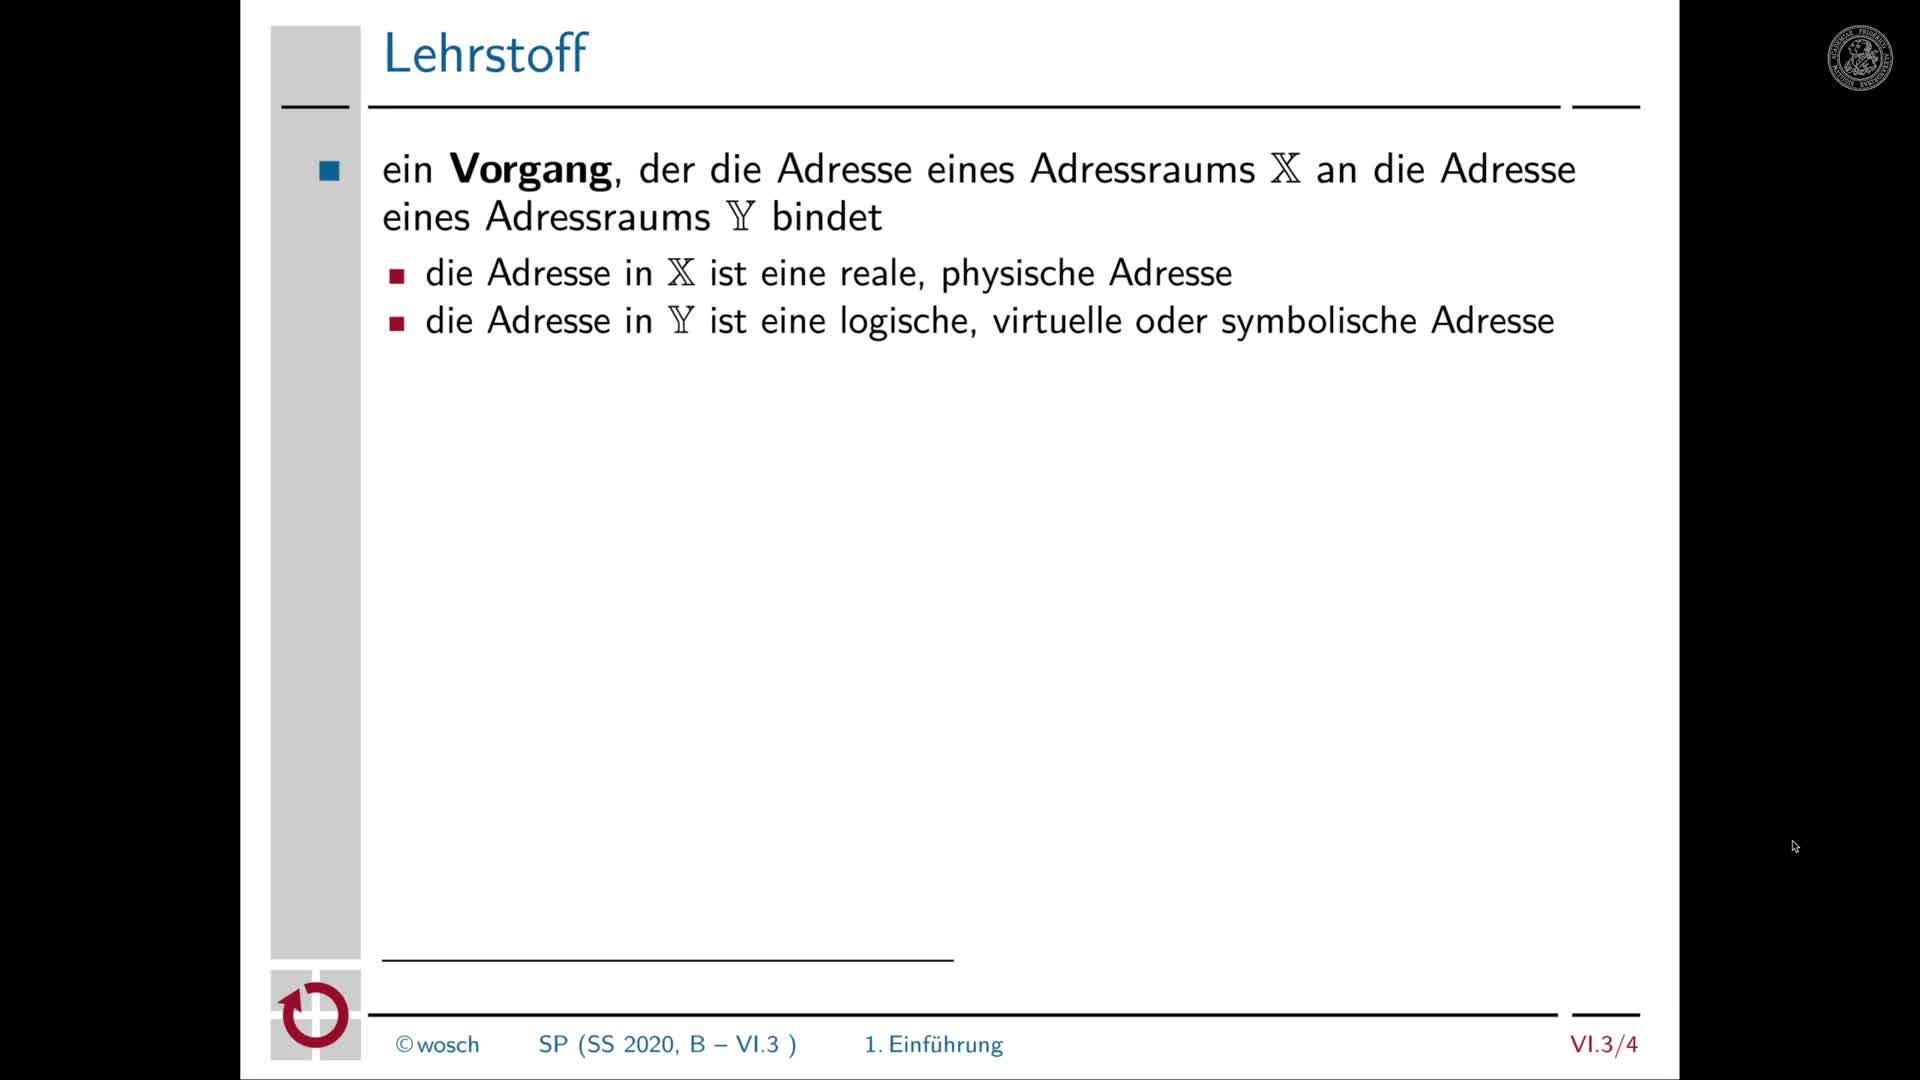 6.3.2 Adressbindung: Einführung preview image